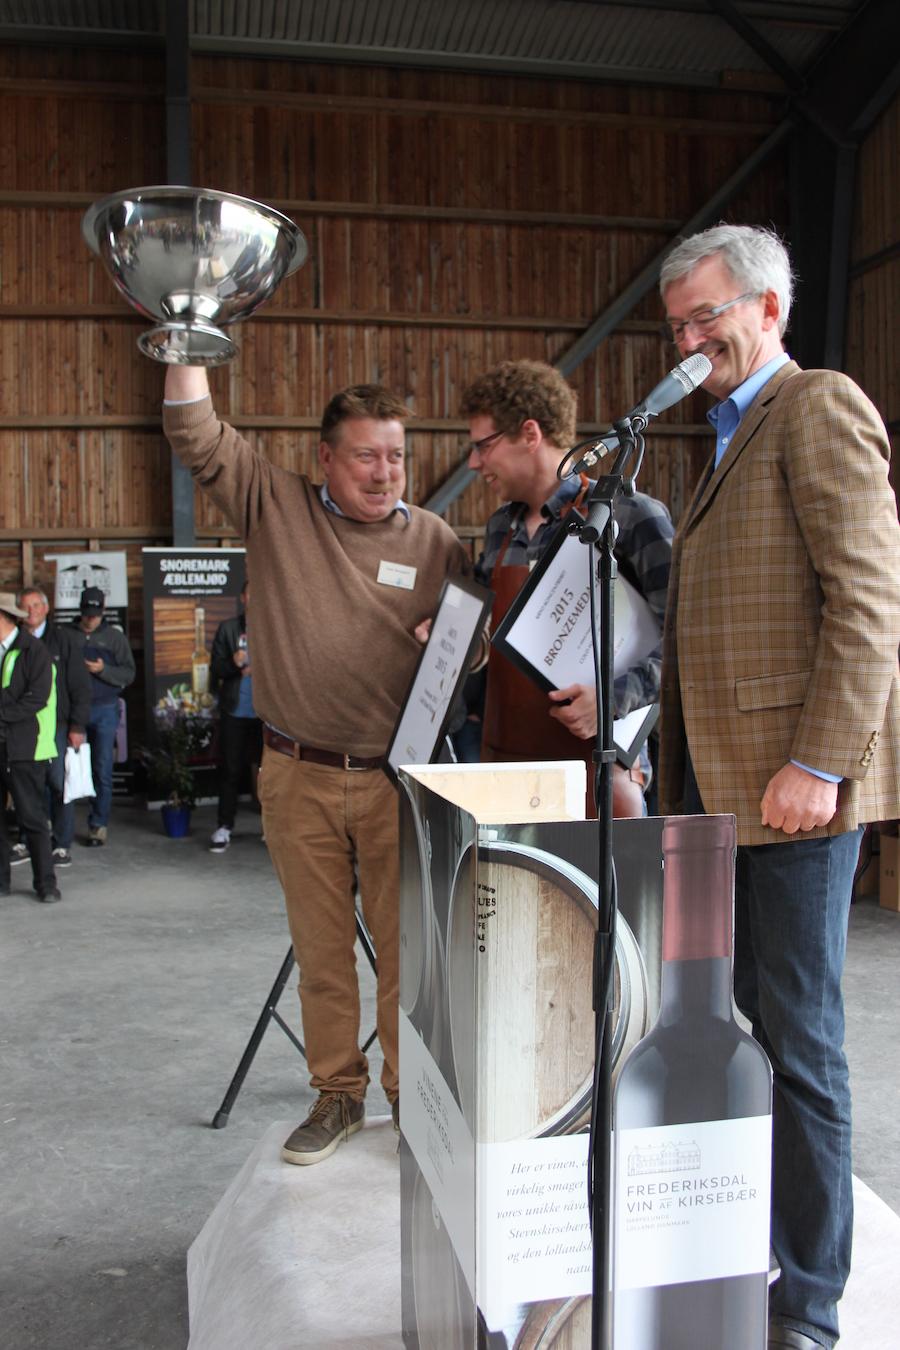 Jens Skovgaard jubler over sin guldmedalje til Malus Feminam 2013, en sød æblevin. Foto: Johan Sjöstedt.